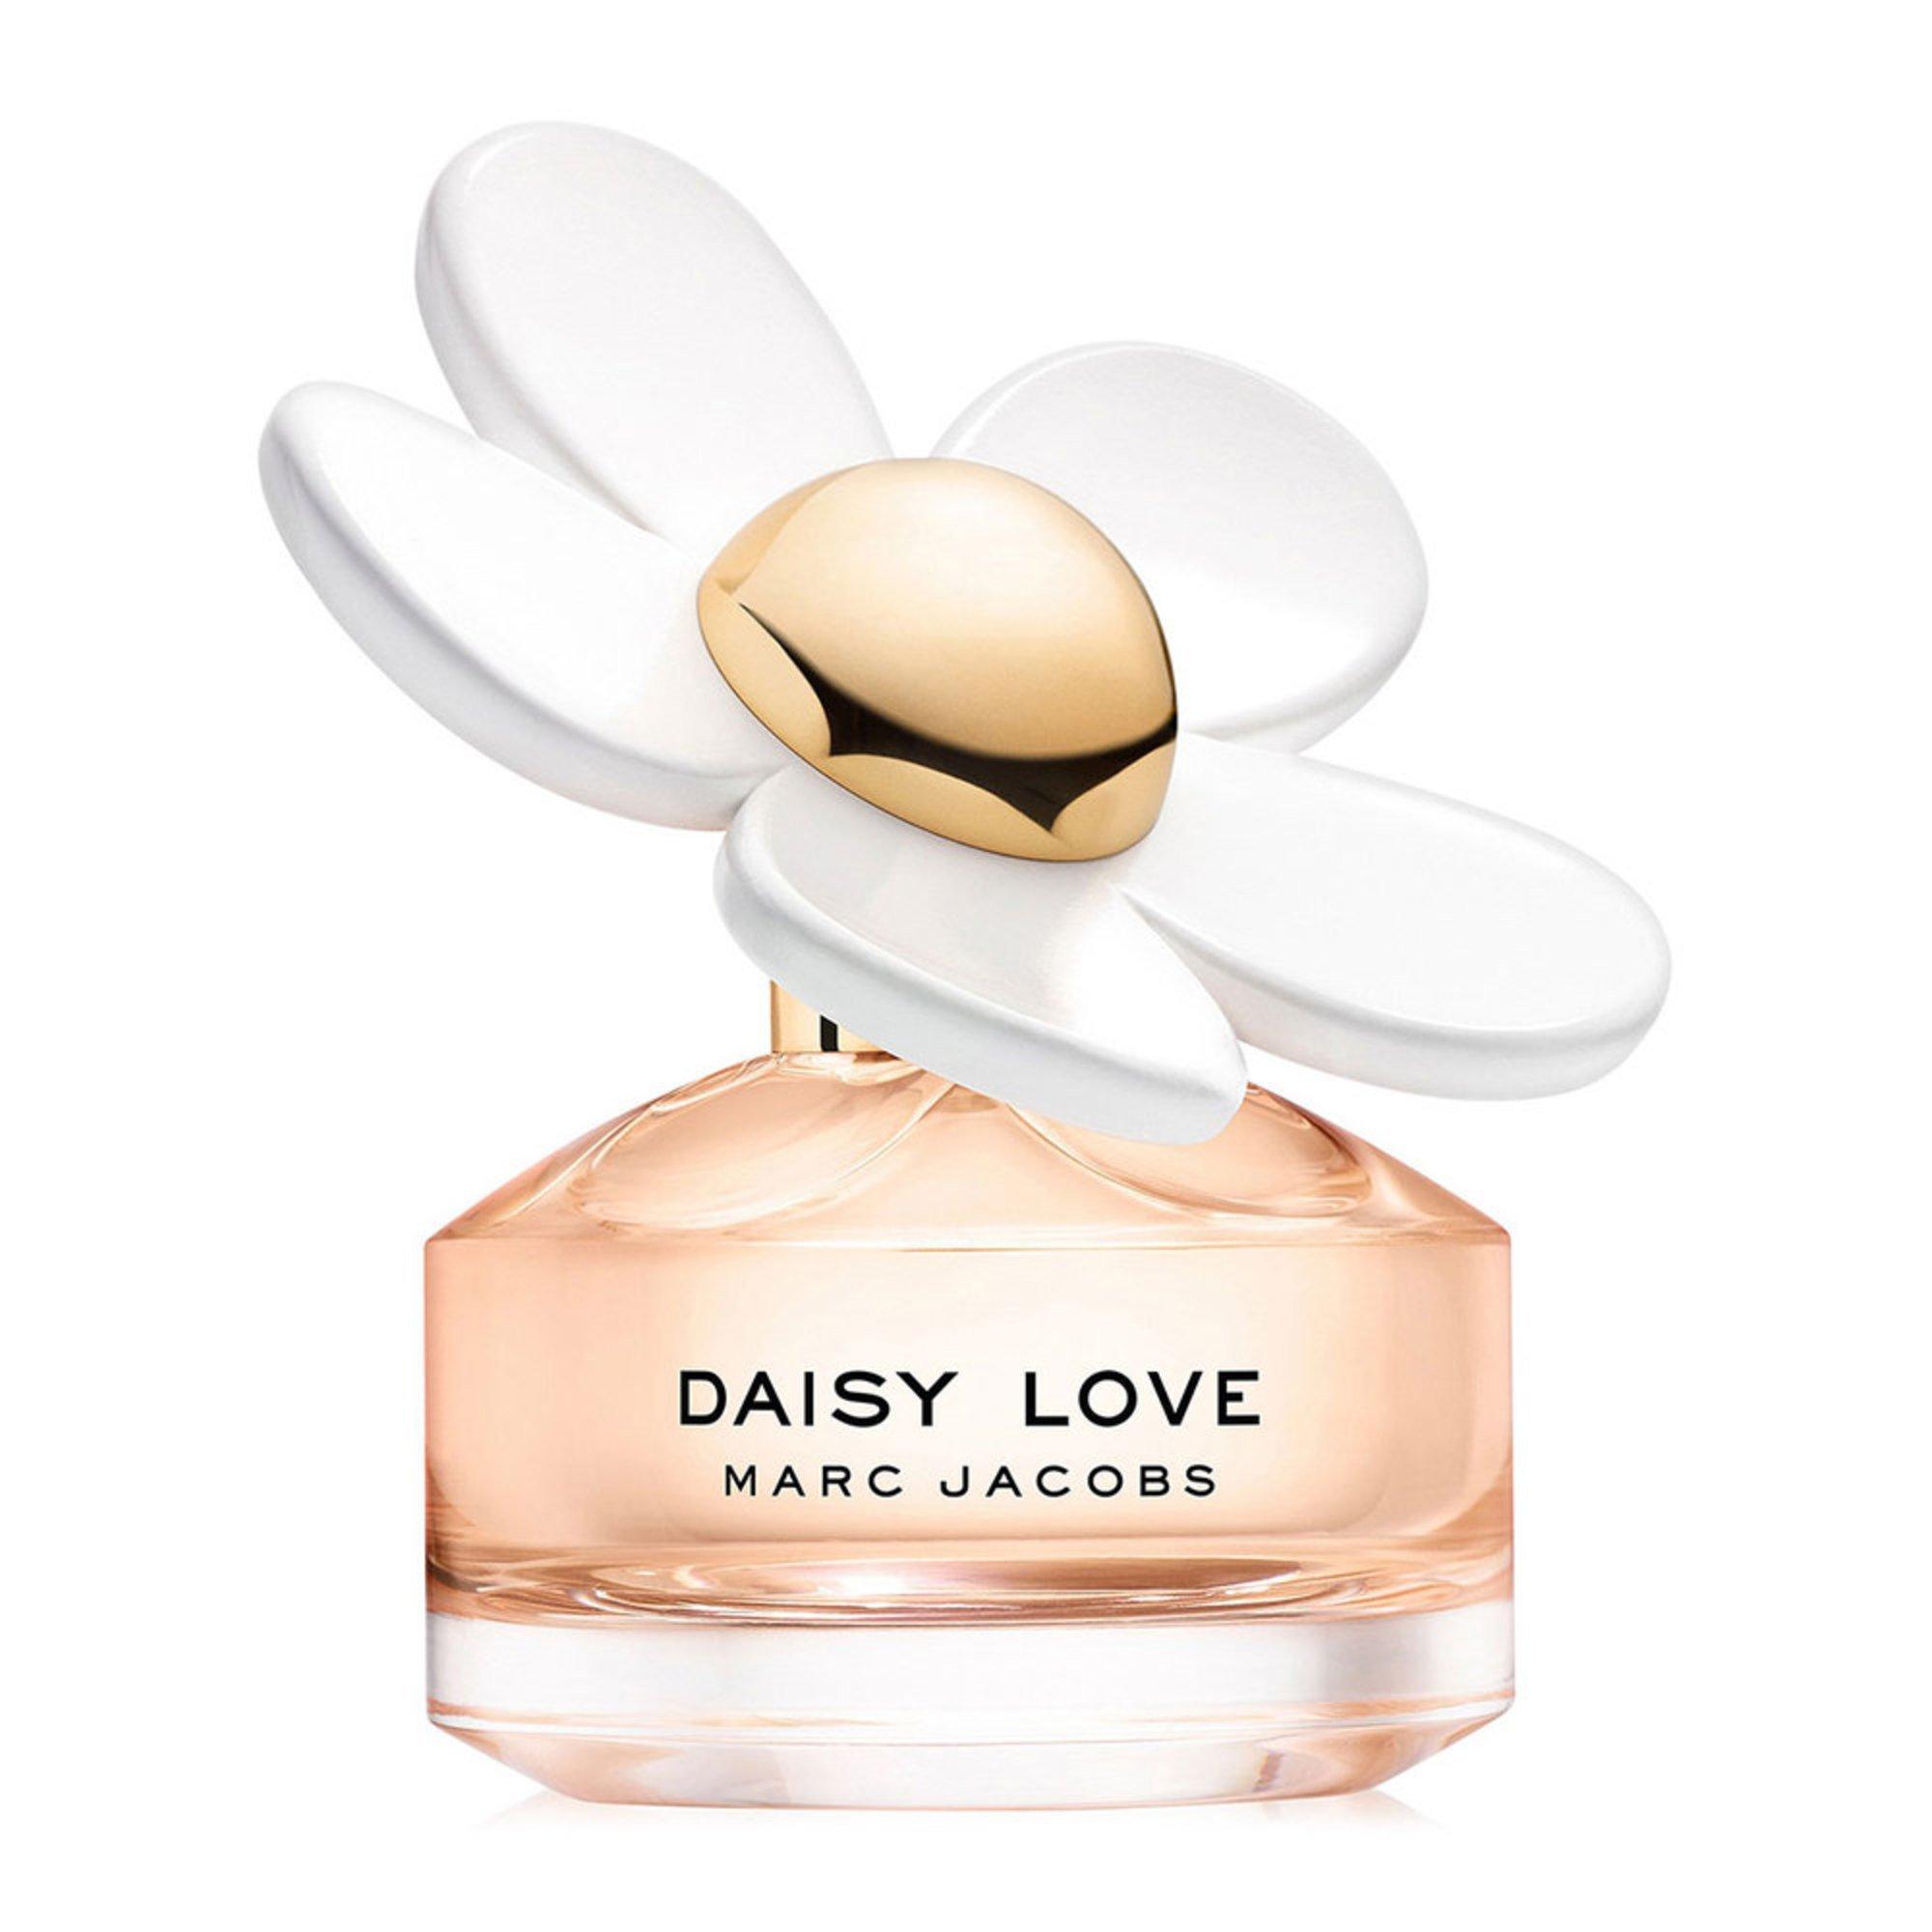 9a9eadd1fb41 Marc Jacobs Daisy Love Eau De Toilette 1.7oz | Perfume | Health & Beauty -  Shop Your Navy Exchange - Official Site